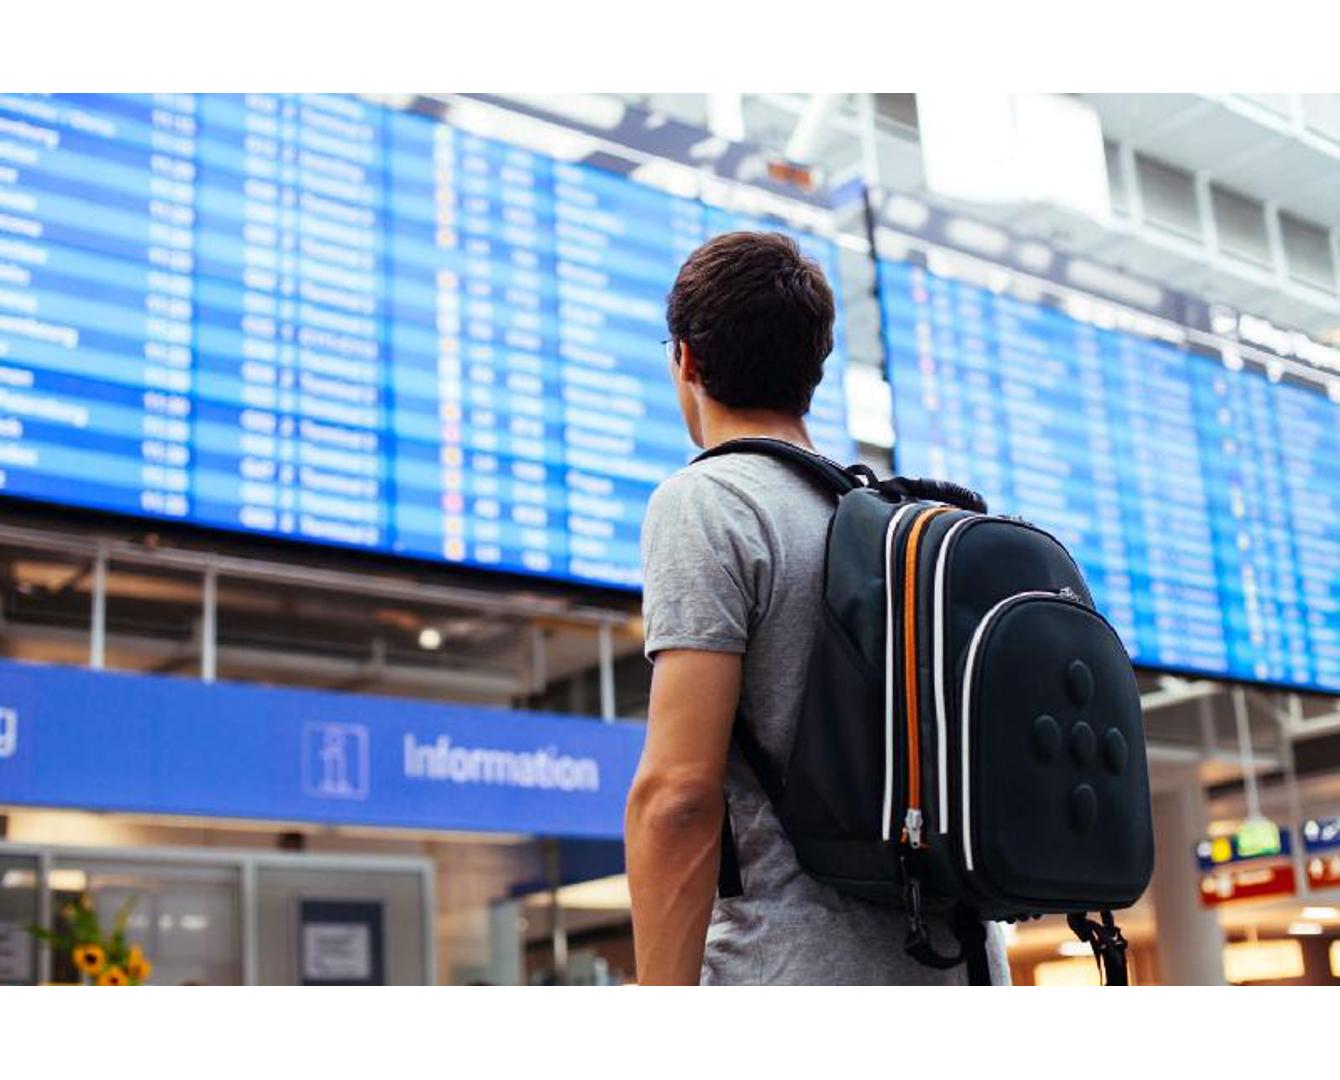 Страхование туристов изменят в Казахстане